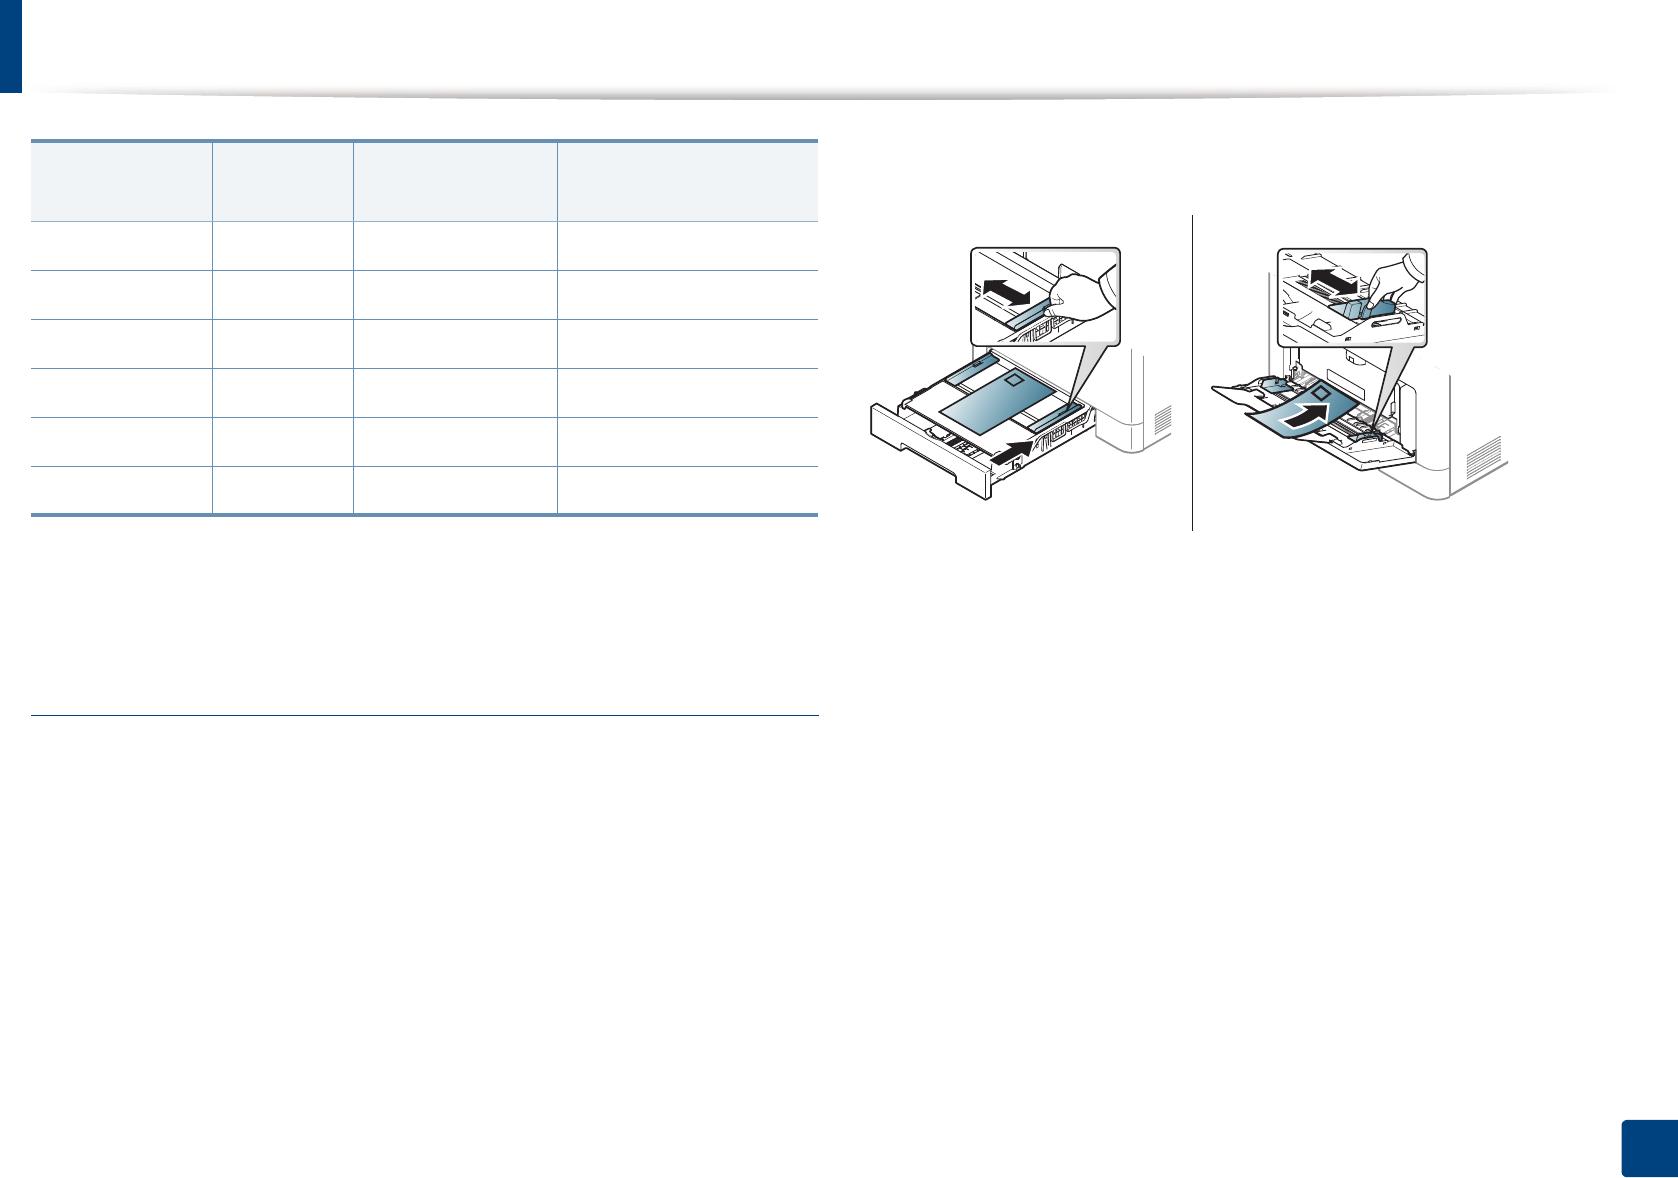 Samsung CLX4195FW, CLX6260FW, CLX-6260FW Envelope